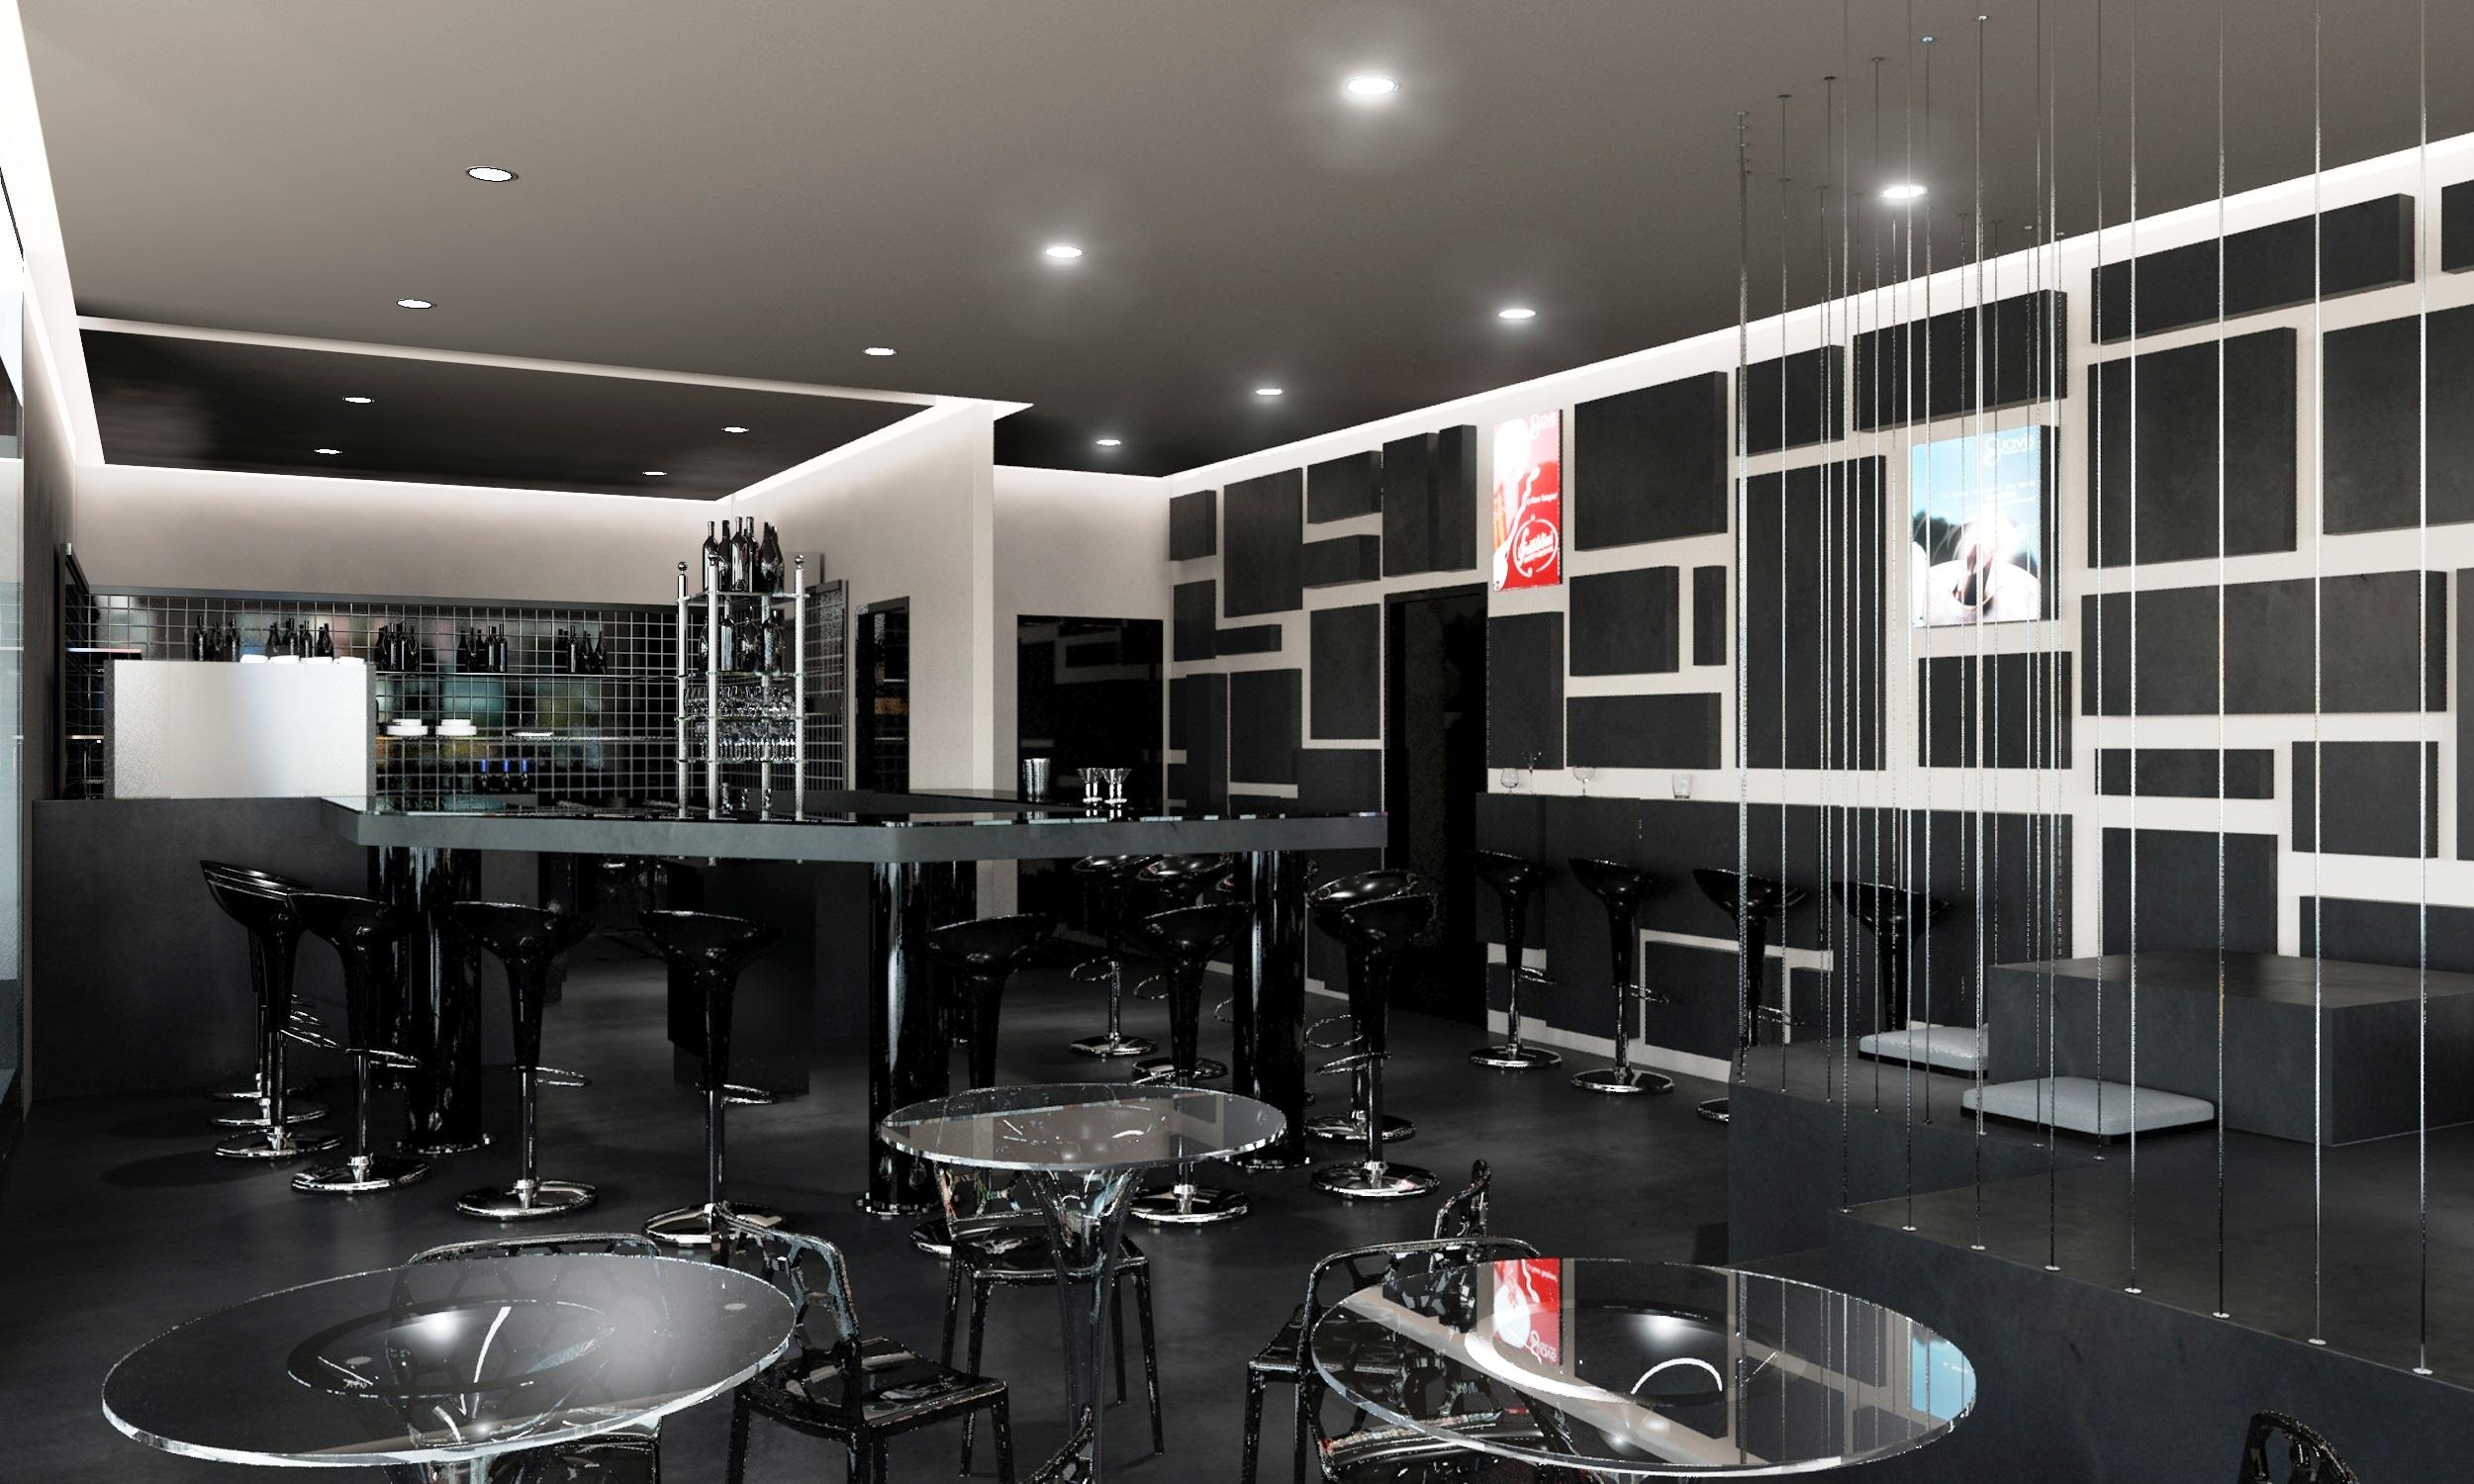 Arredamento bar brescia tavoli sedie banchi e altre for Subito brescia arredamento